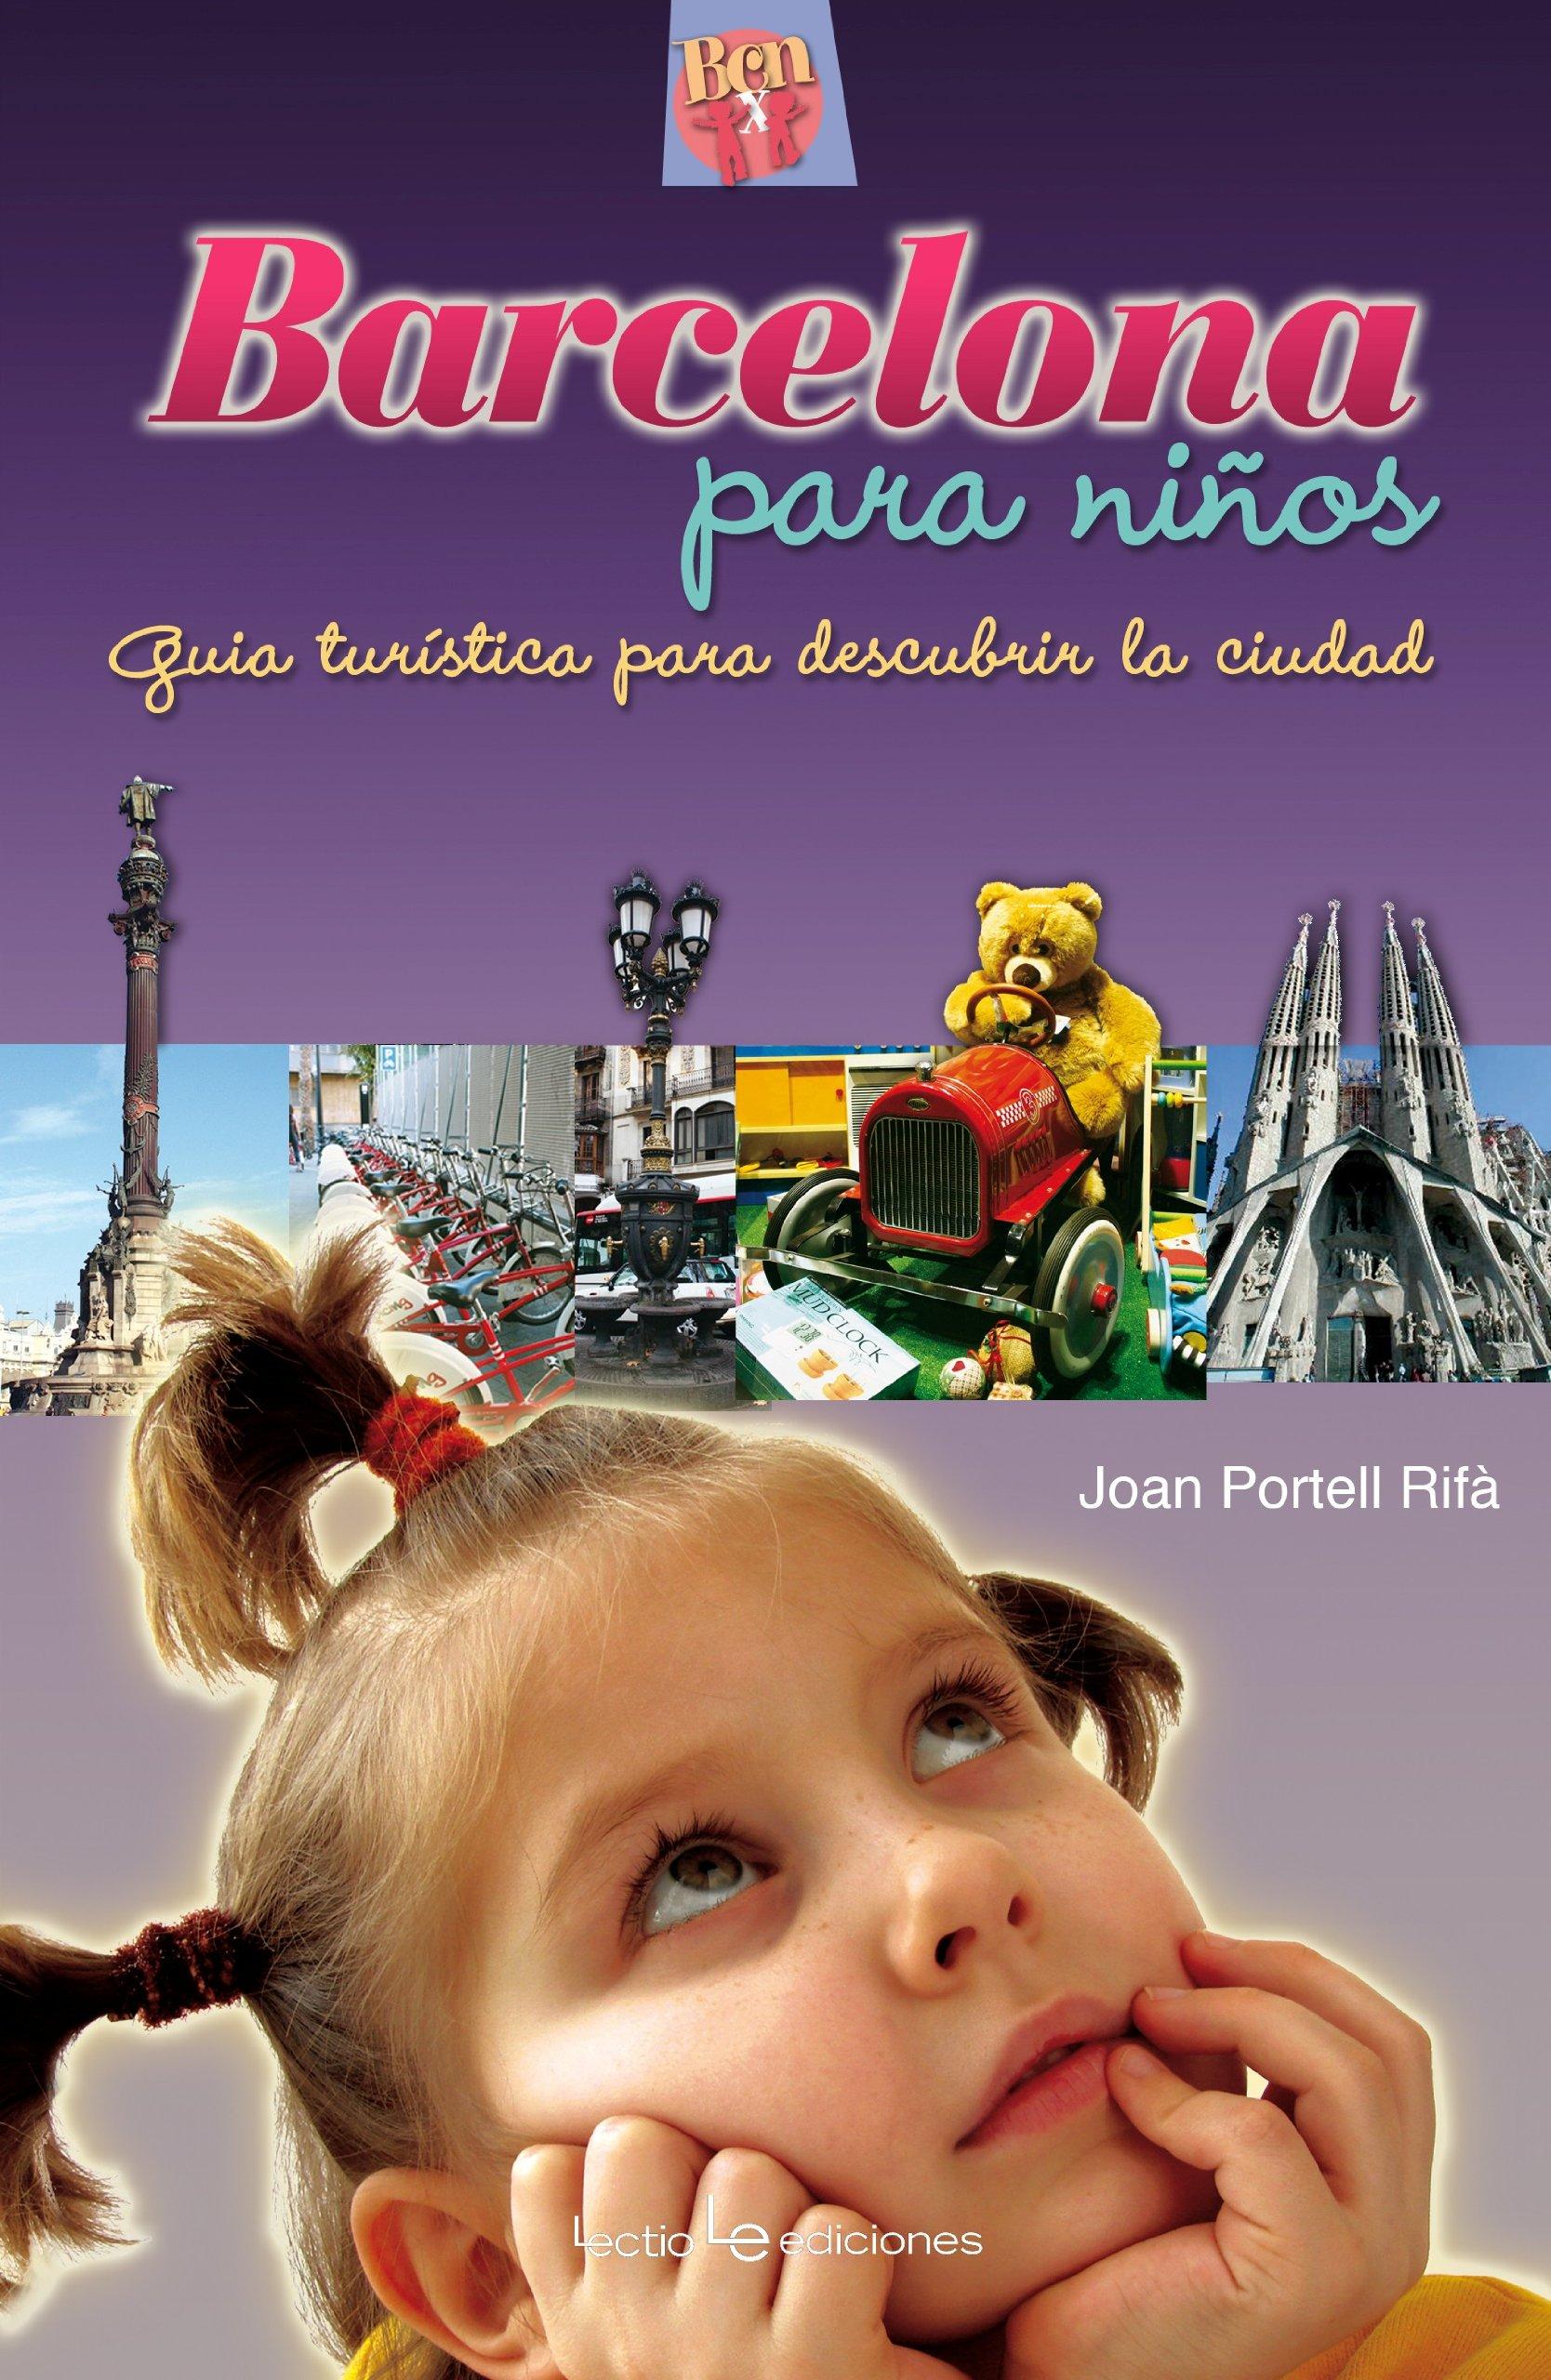 Barcelona para ninos: Guia turistica para descubrir la ciudad (Ciudades para ninos) (Spanish Edition) by Lectio Ediciones